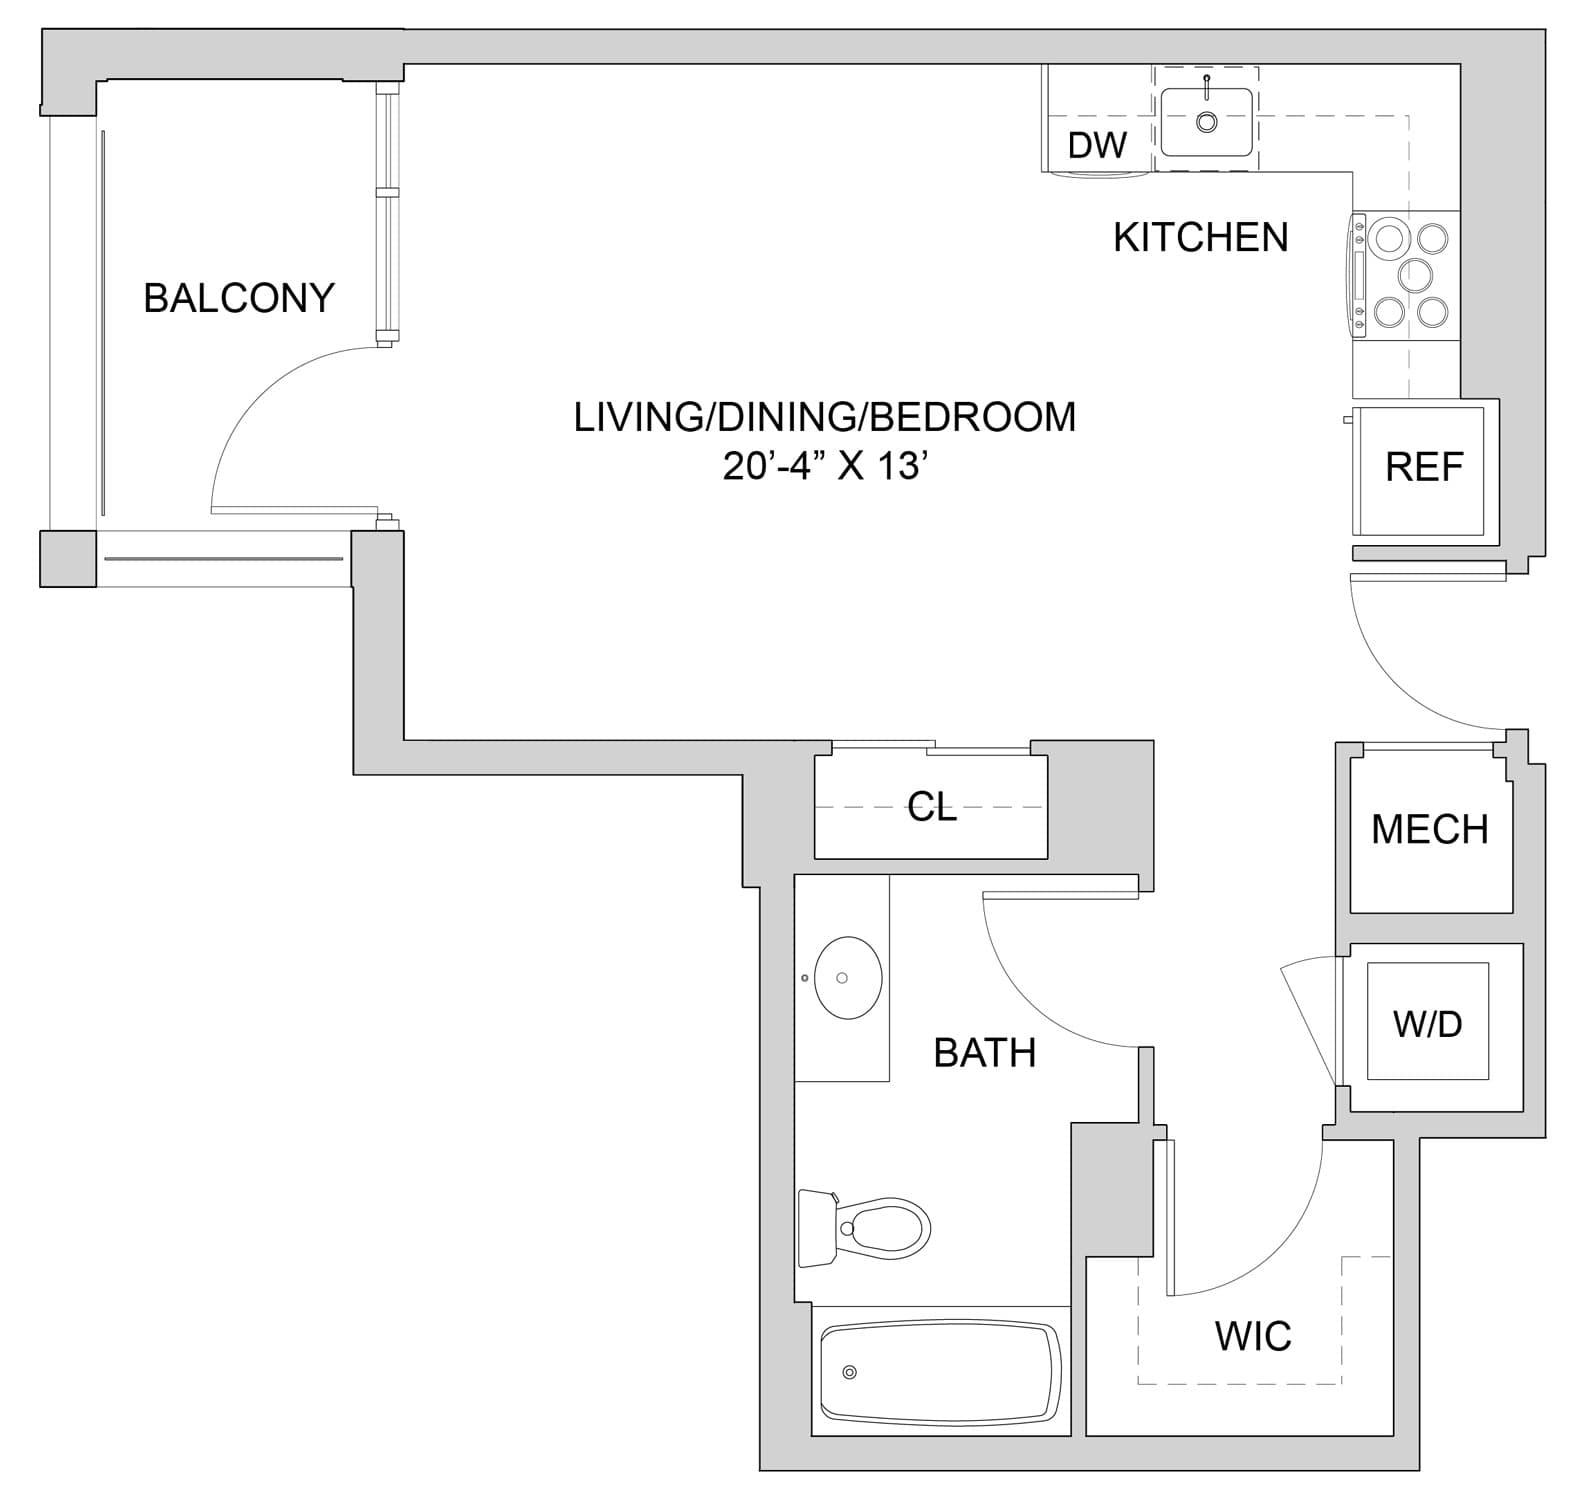 Studio a2 studio astudio 459 sq ft